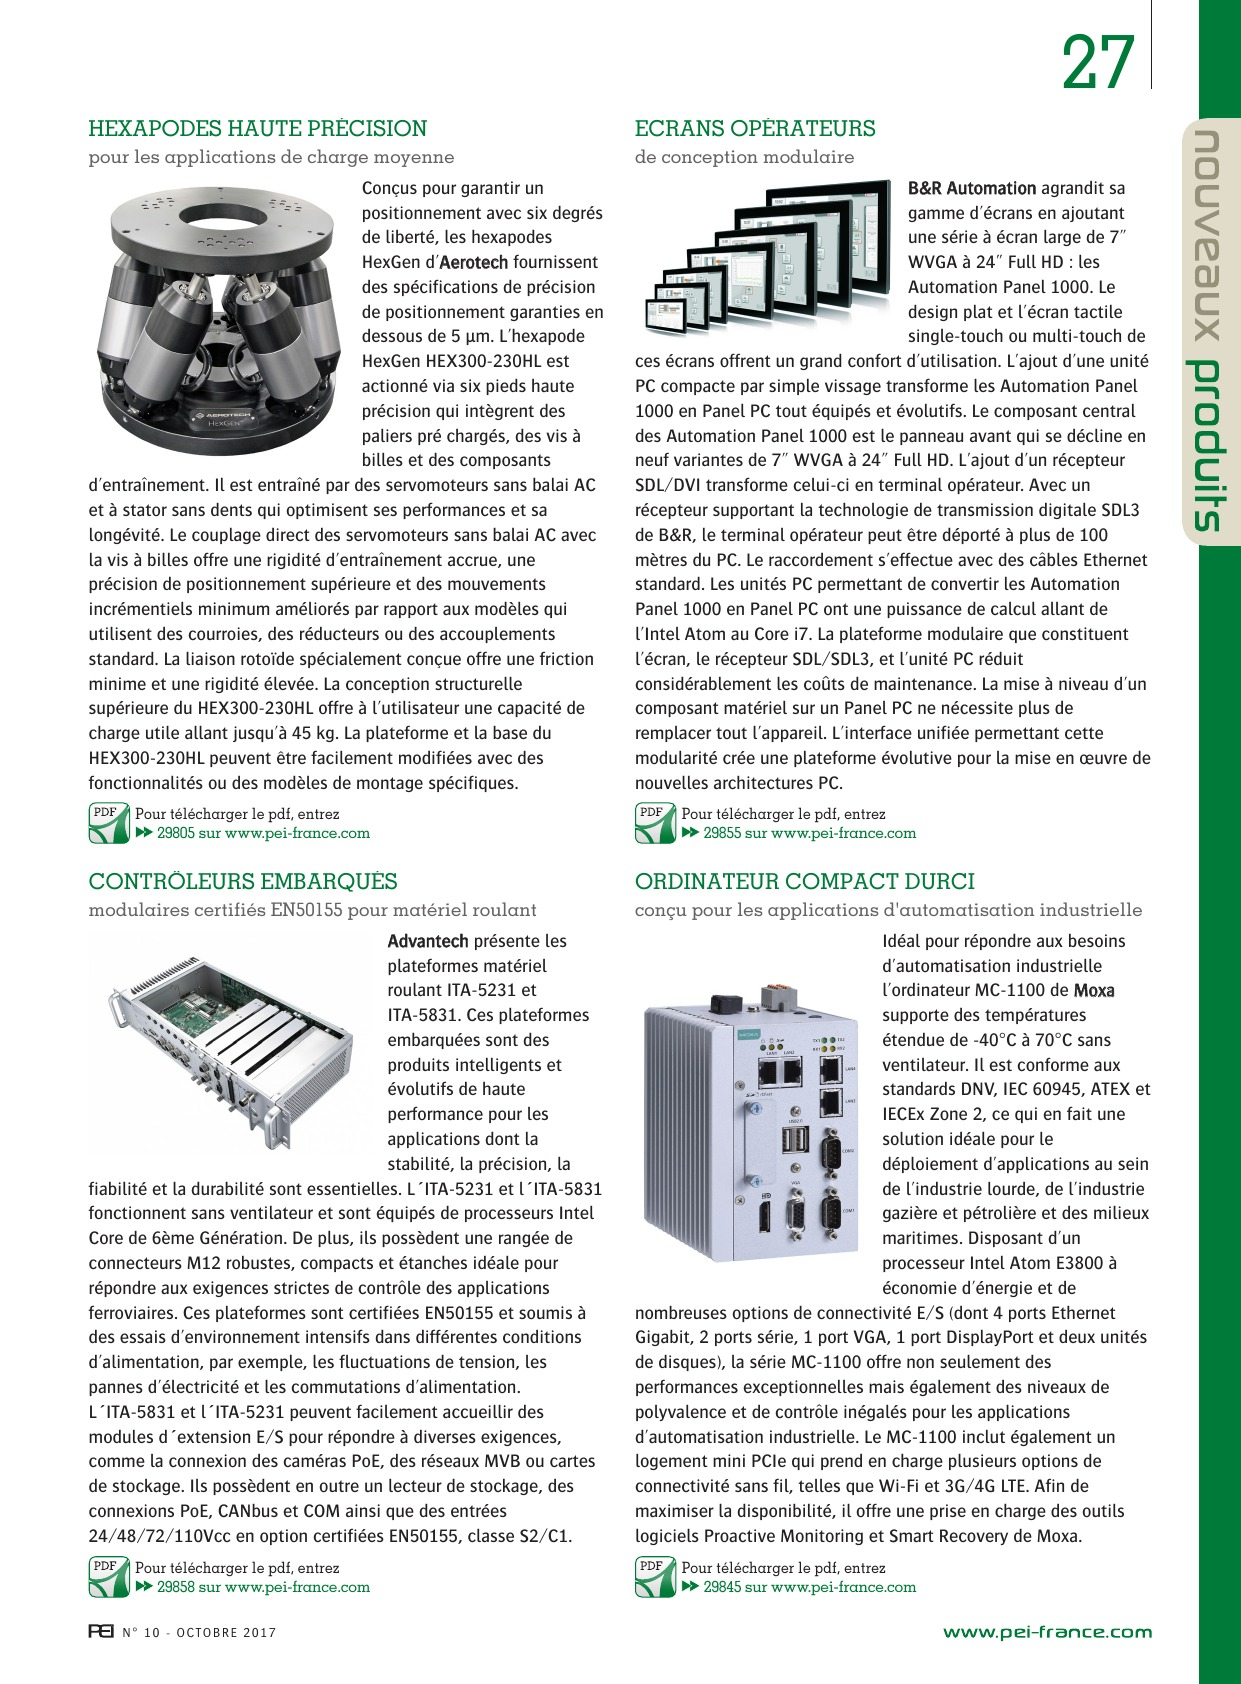 rencontres electroniques imprimées